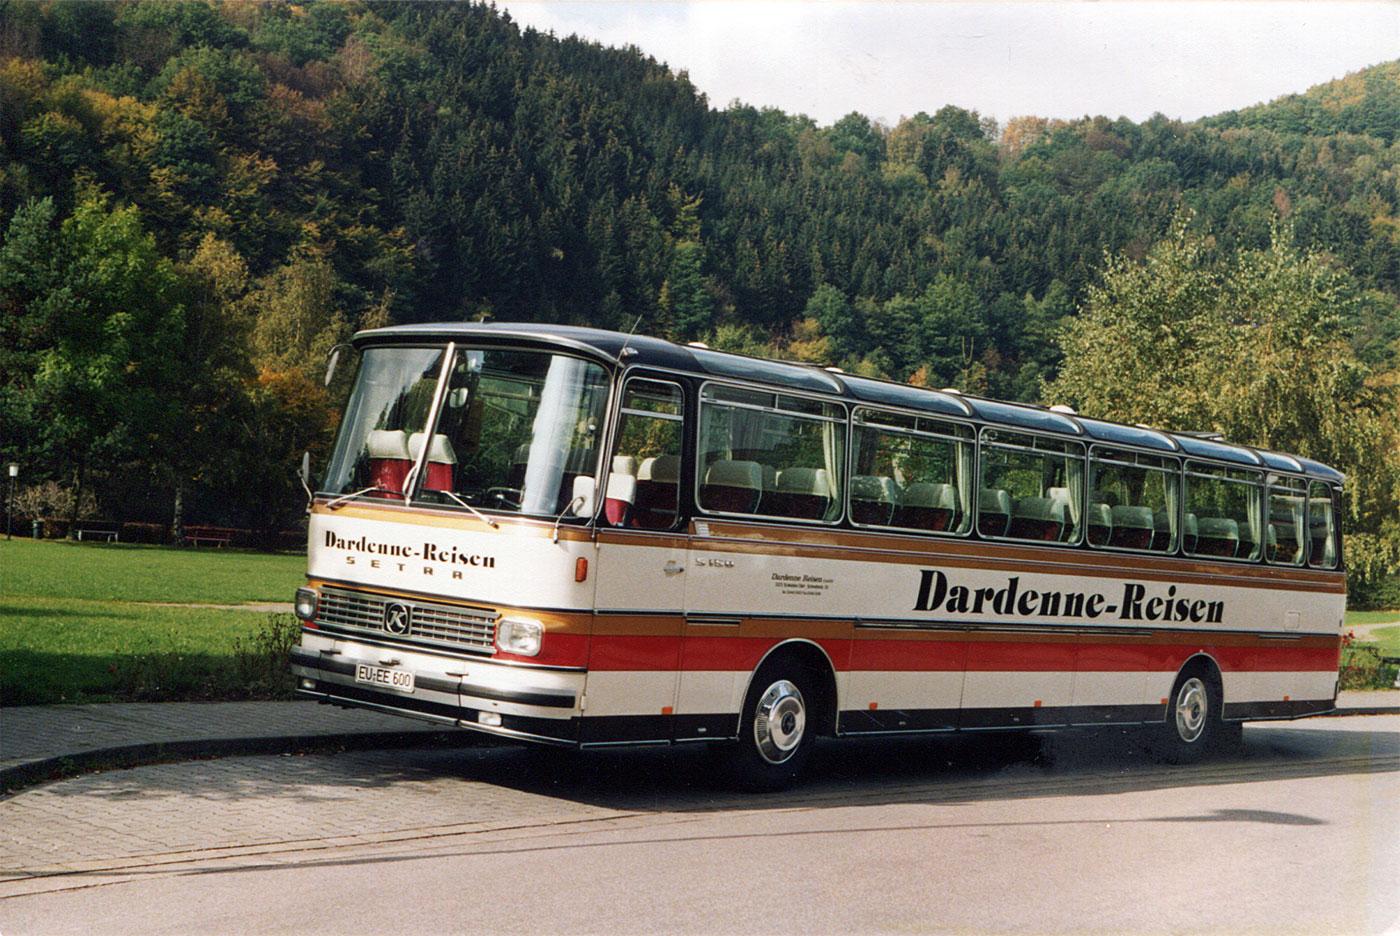 DARDENNE-REISEN_Unternehmen-Geschichte-01